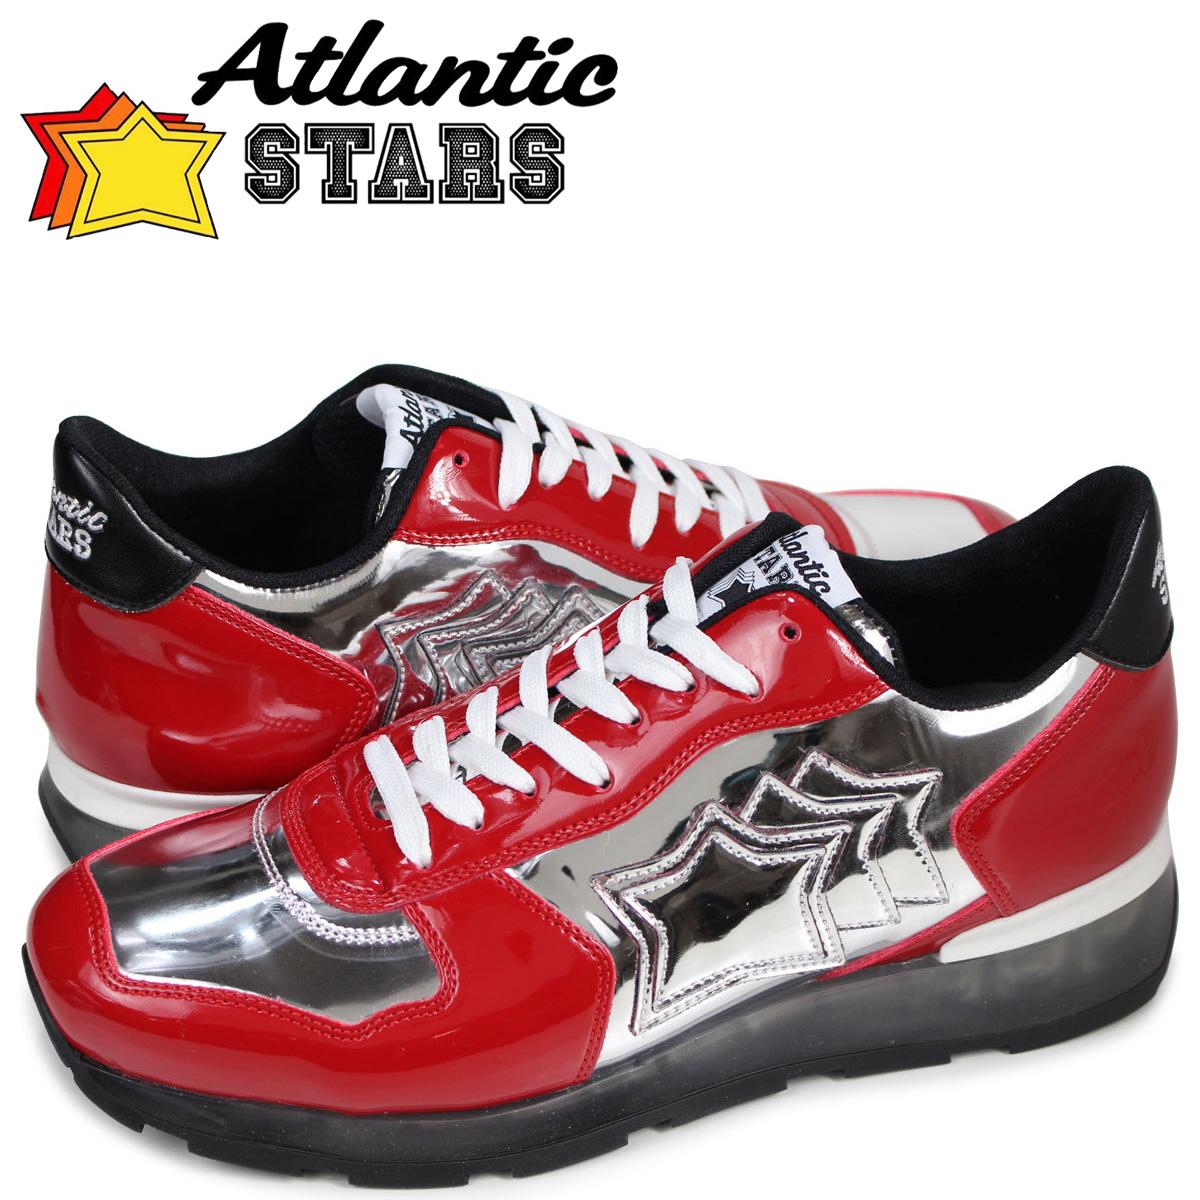 Atlantic STARS メンズ スニーカー アトランティックスターズ アンタレス ANTARES GAR-32B レッド 赤